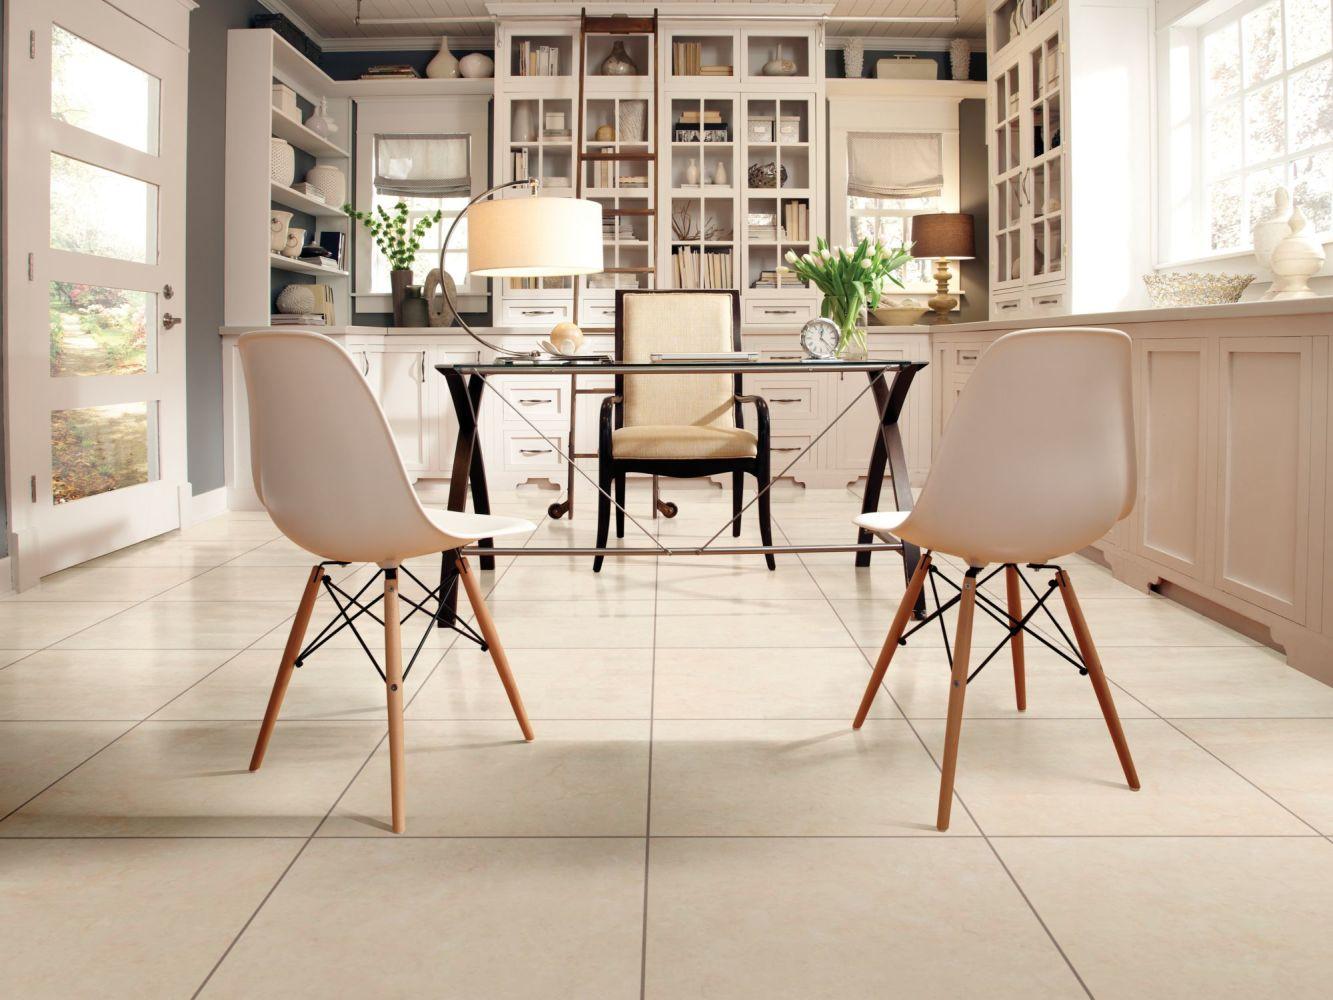 Shaw Floors Clayton Homes East Lake Tile Cobb 00100_C176Y